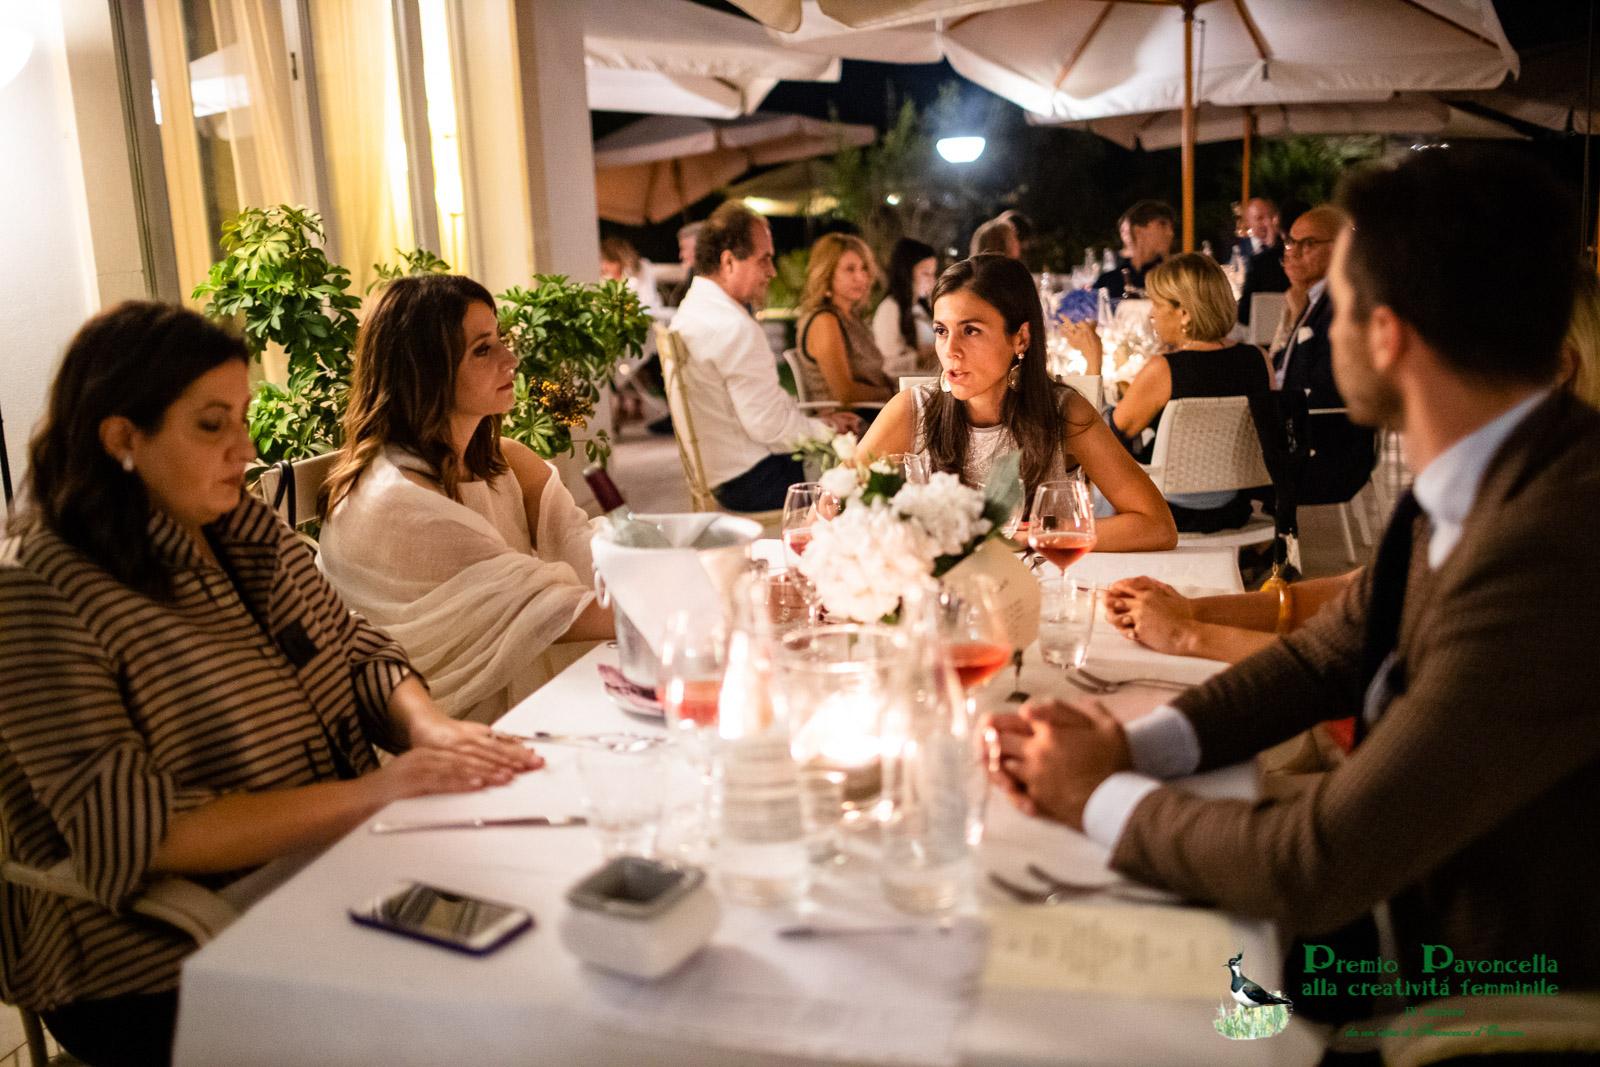 La dottoressa Anna Maria Altomare con altri ospiti al San Francesco